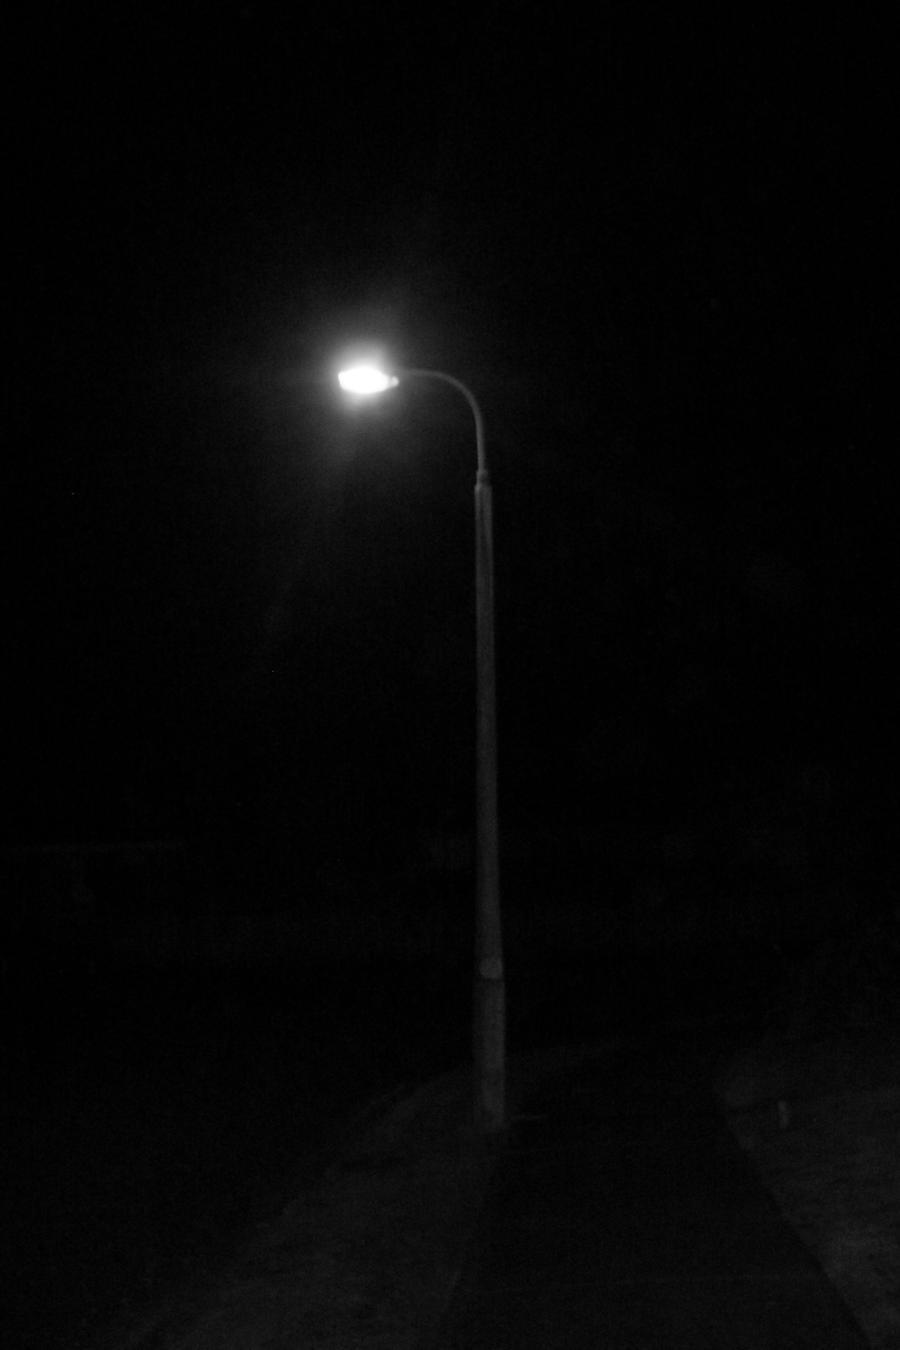 Street light at night by AmosAnon on DeviantArt